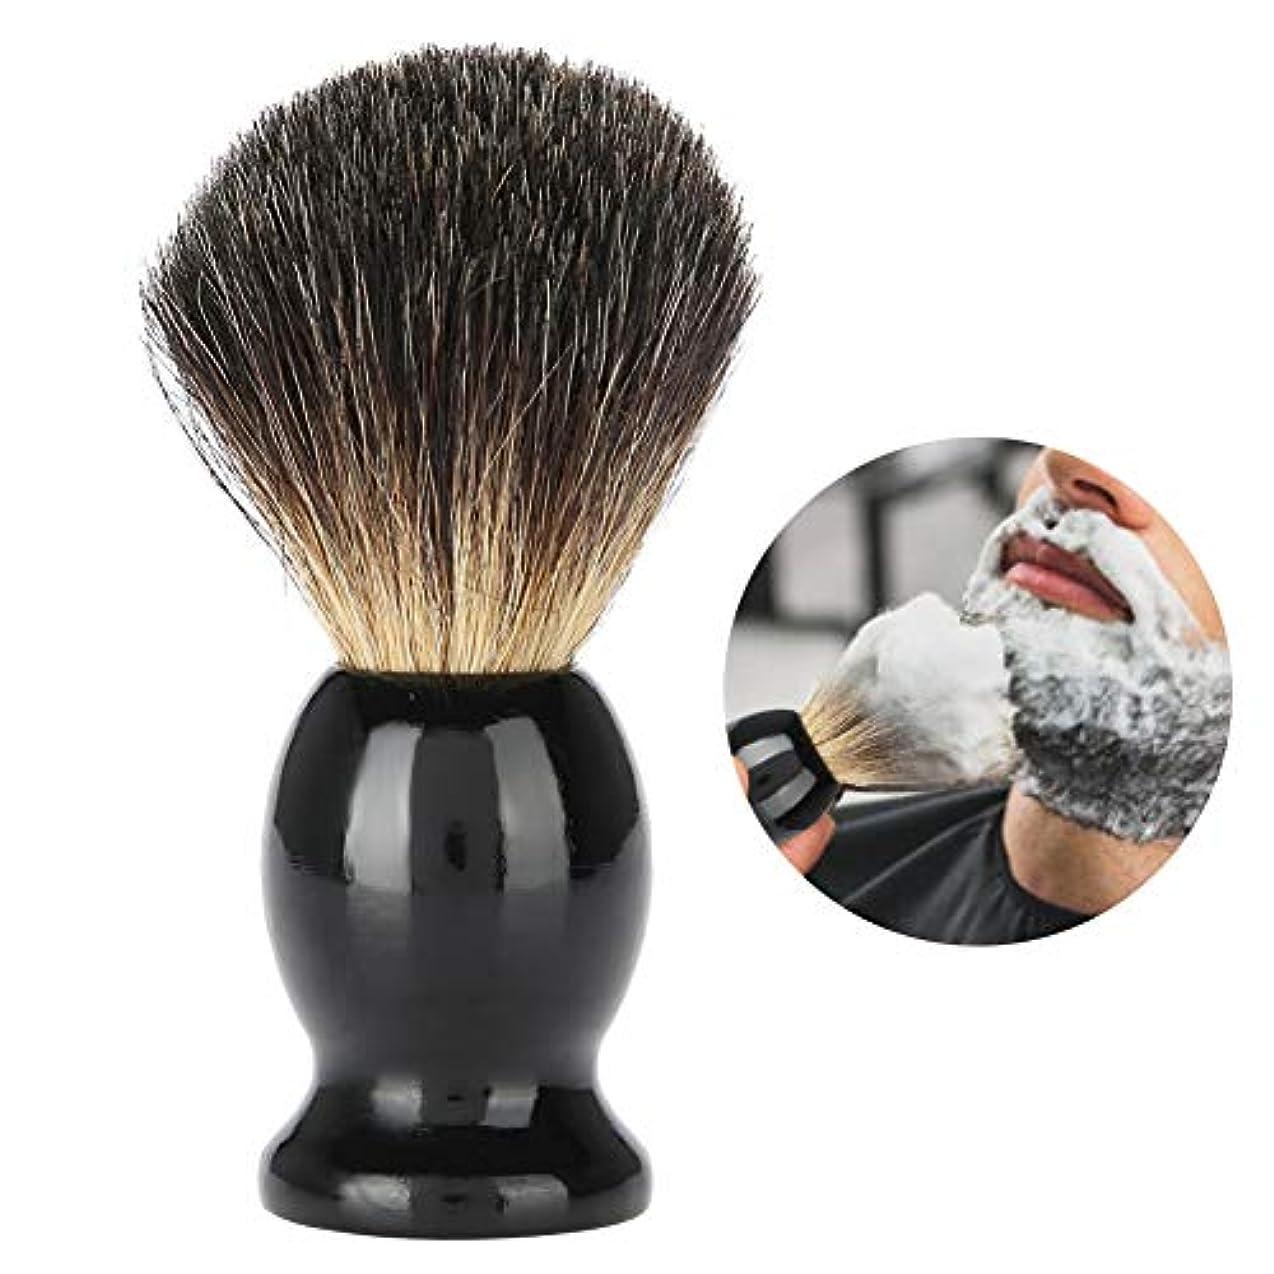 精査先史時代の振り向くYuyteポータブル男性ウッドハンドル髭剃りブラシ理髪店サロンツール